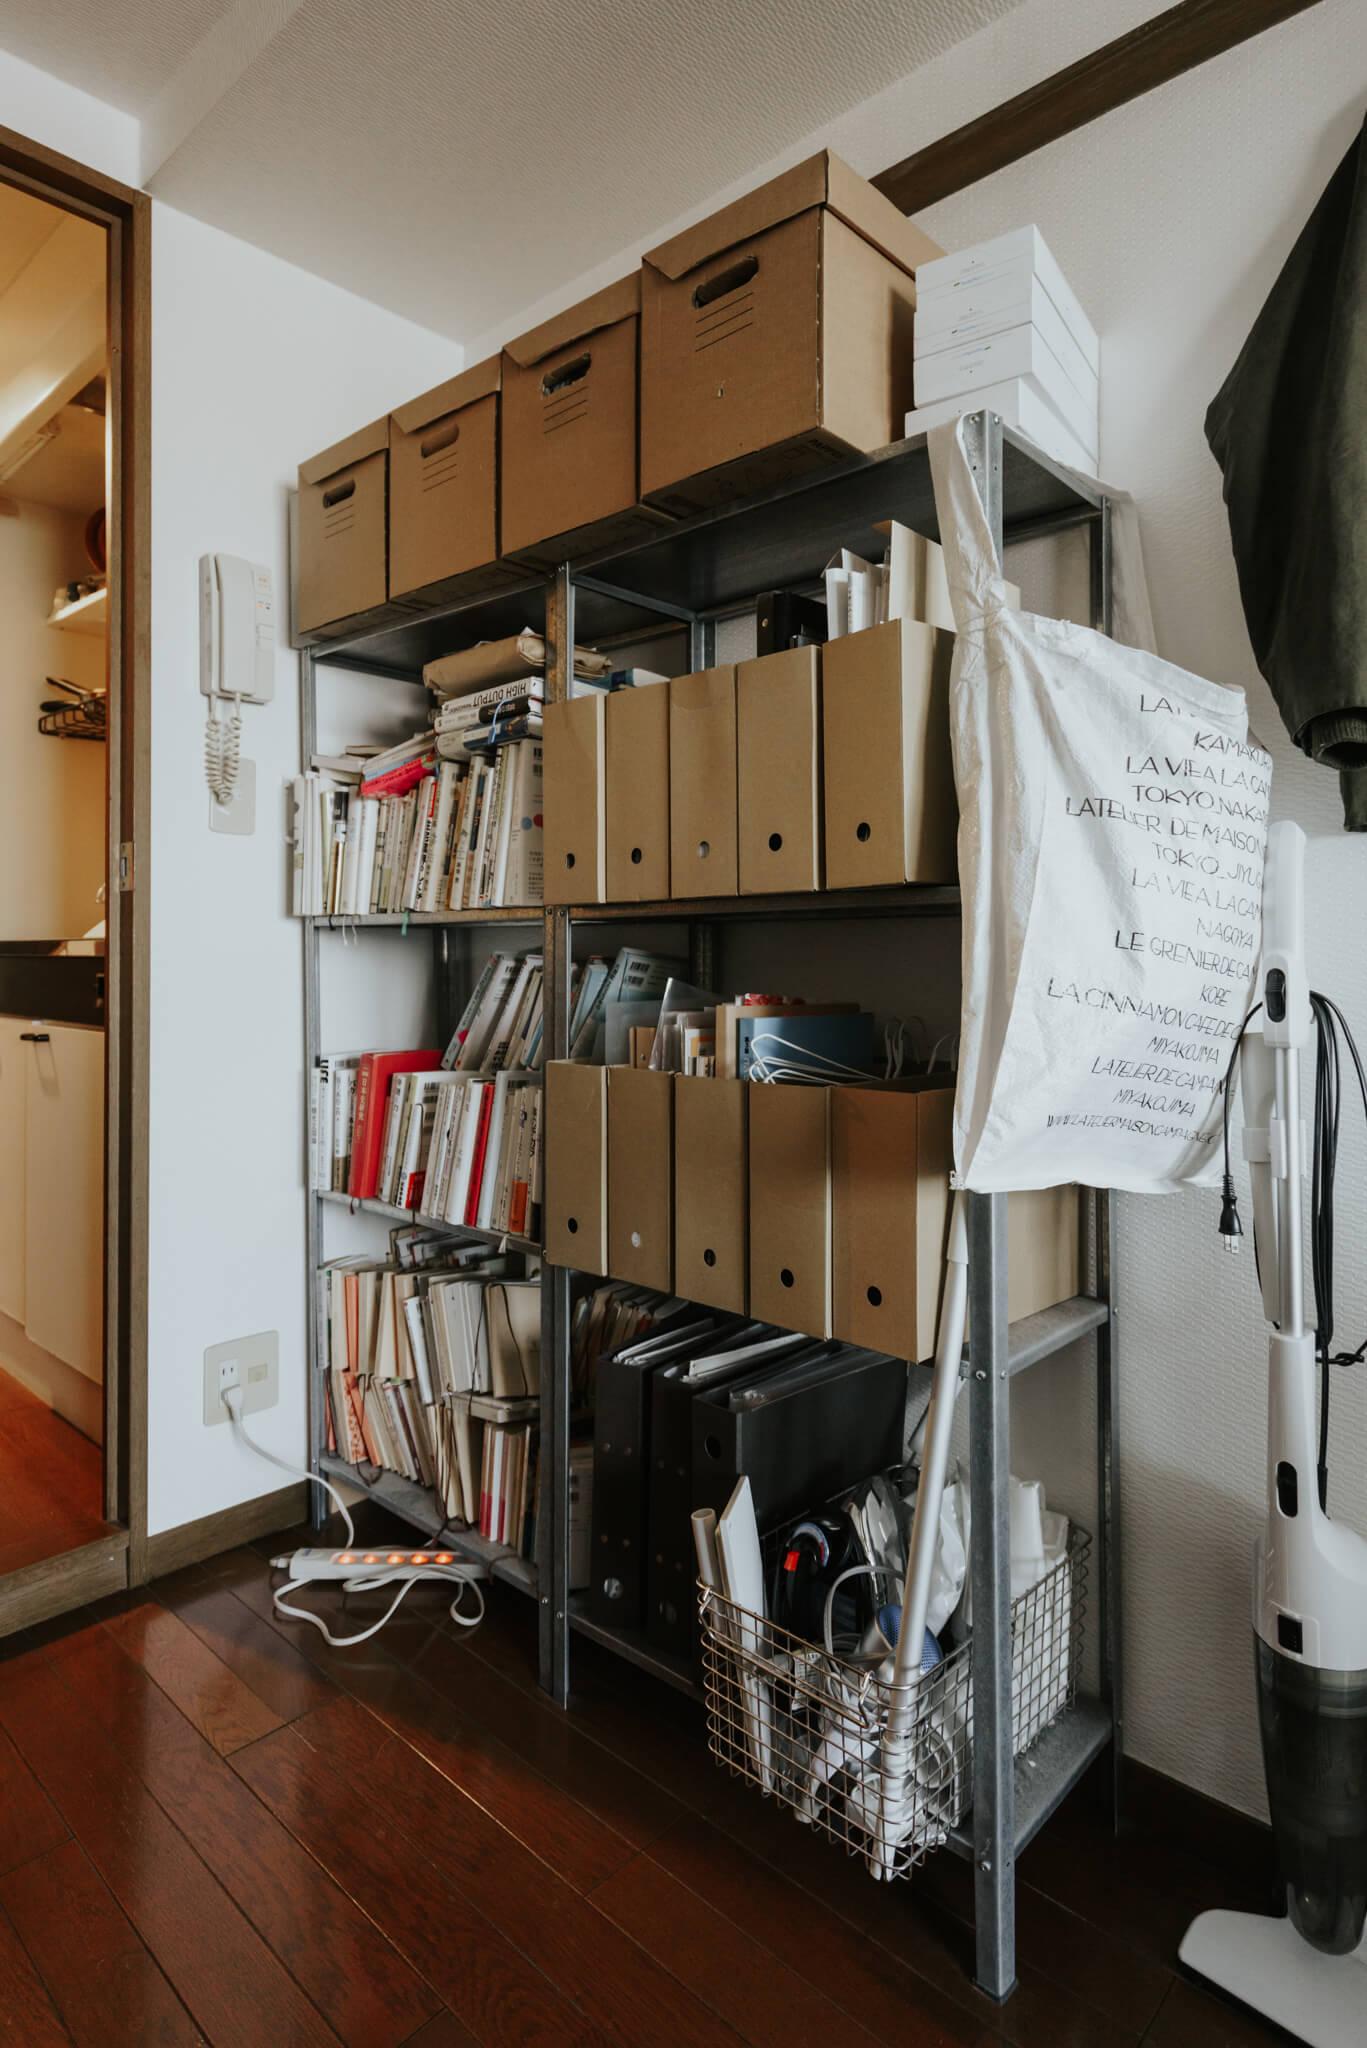 IKEAのオープンシェルフHYLISS。1,499円と衝撃のお値段ながら、シンプルなデザインが魅力。(このお部屋はこちら)